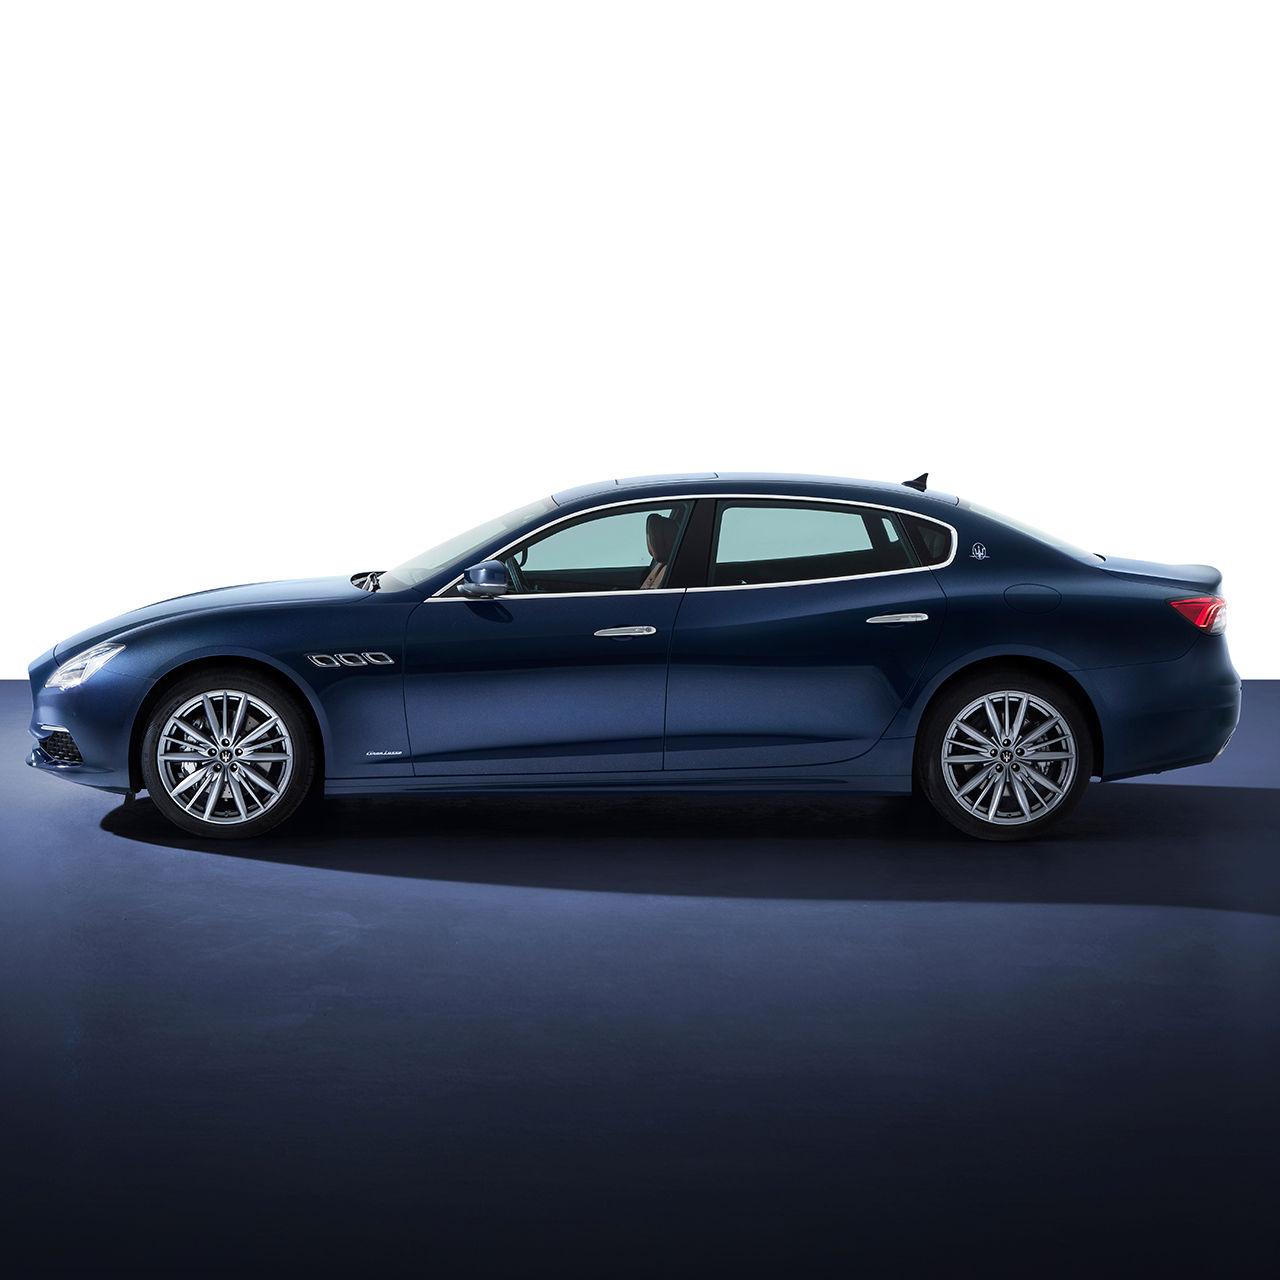 Maserati Quattroporte - Blau - Seitenansicht